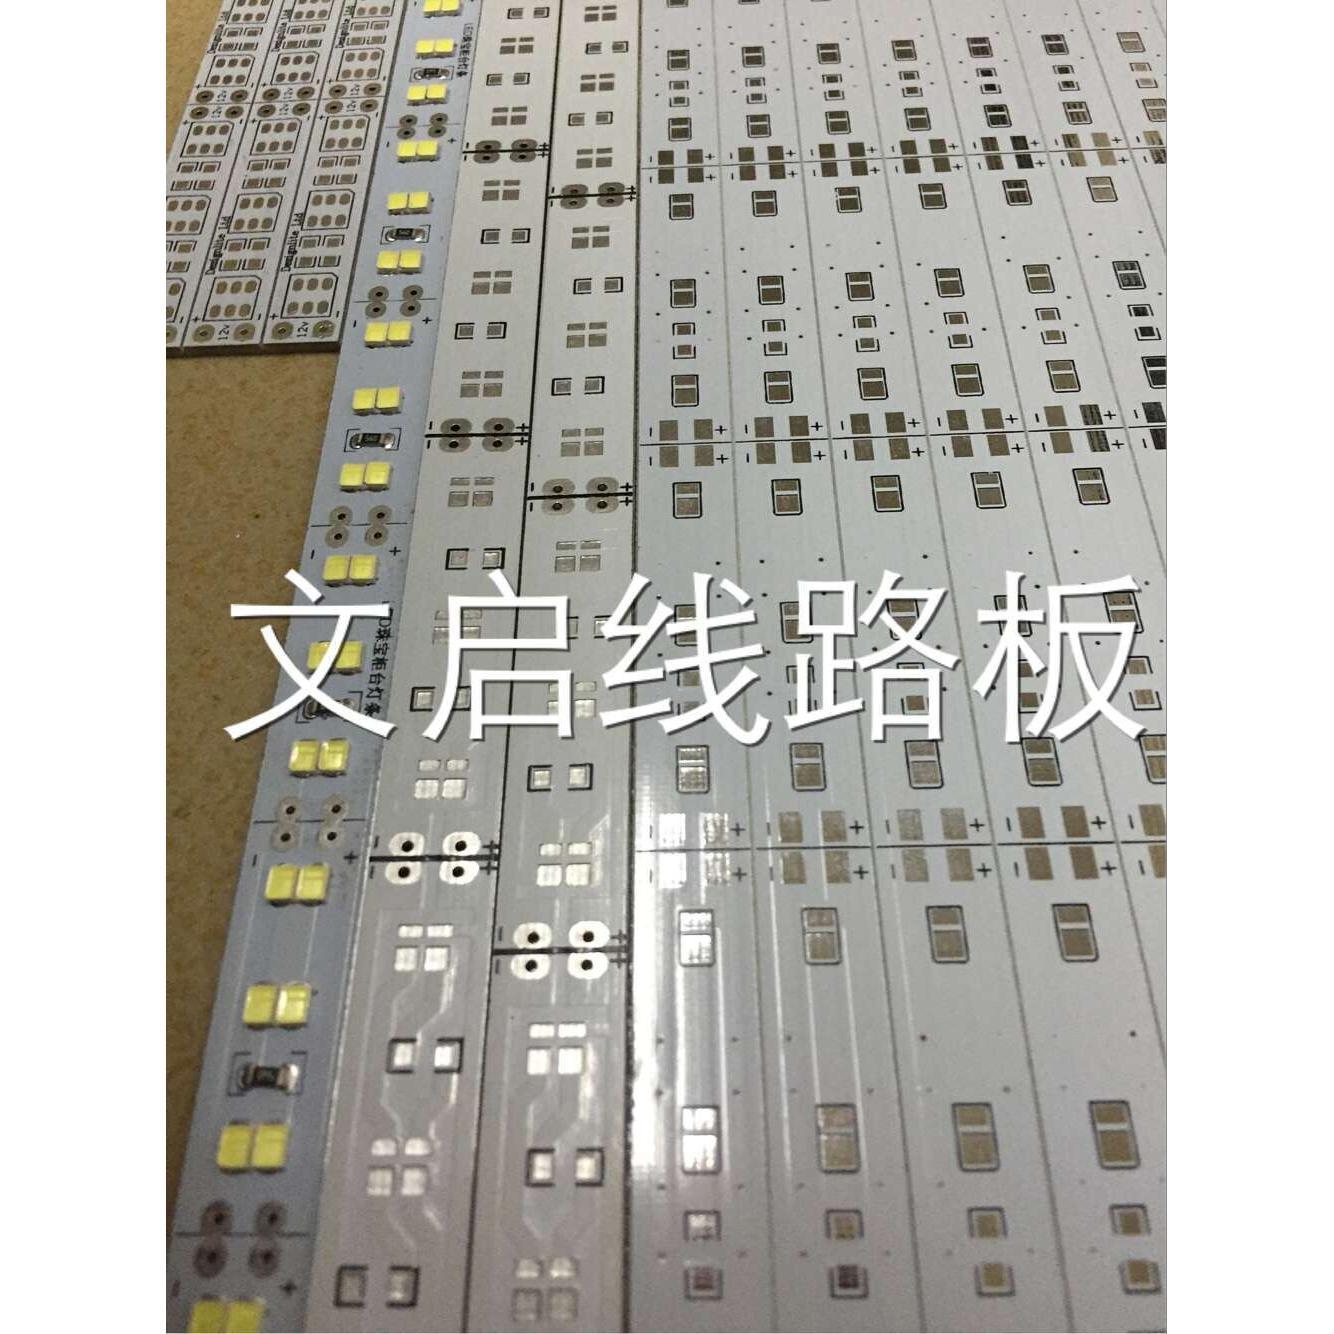 按品牌质量级别从底到高划分如下:94HB-94VO-22F-CEM-1-CEM-3-FR-4 详细参数及用途如下: 94HB:普通纸板,不防火(最低档的材料,模冲孔,不能做电源板) 94V0:阻燃纸板 (模冲孔) 22F: 单面半玻纤板(模冲孔) CEM-1:单面玻纤板(必须要电脑钻孔,不能模冲) CEM-3:双面半玻纤板(除双面纸板外属于双面板最低端的材料,简单的双面板可以用这种料) FR-4: 双面玻纤板 阻燃特性的等级划分可以分为94VO-V-1 -V-2 -94HB 四种 半固化片:1080=0.